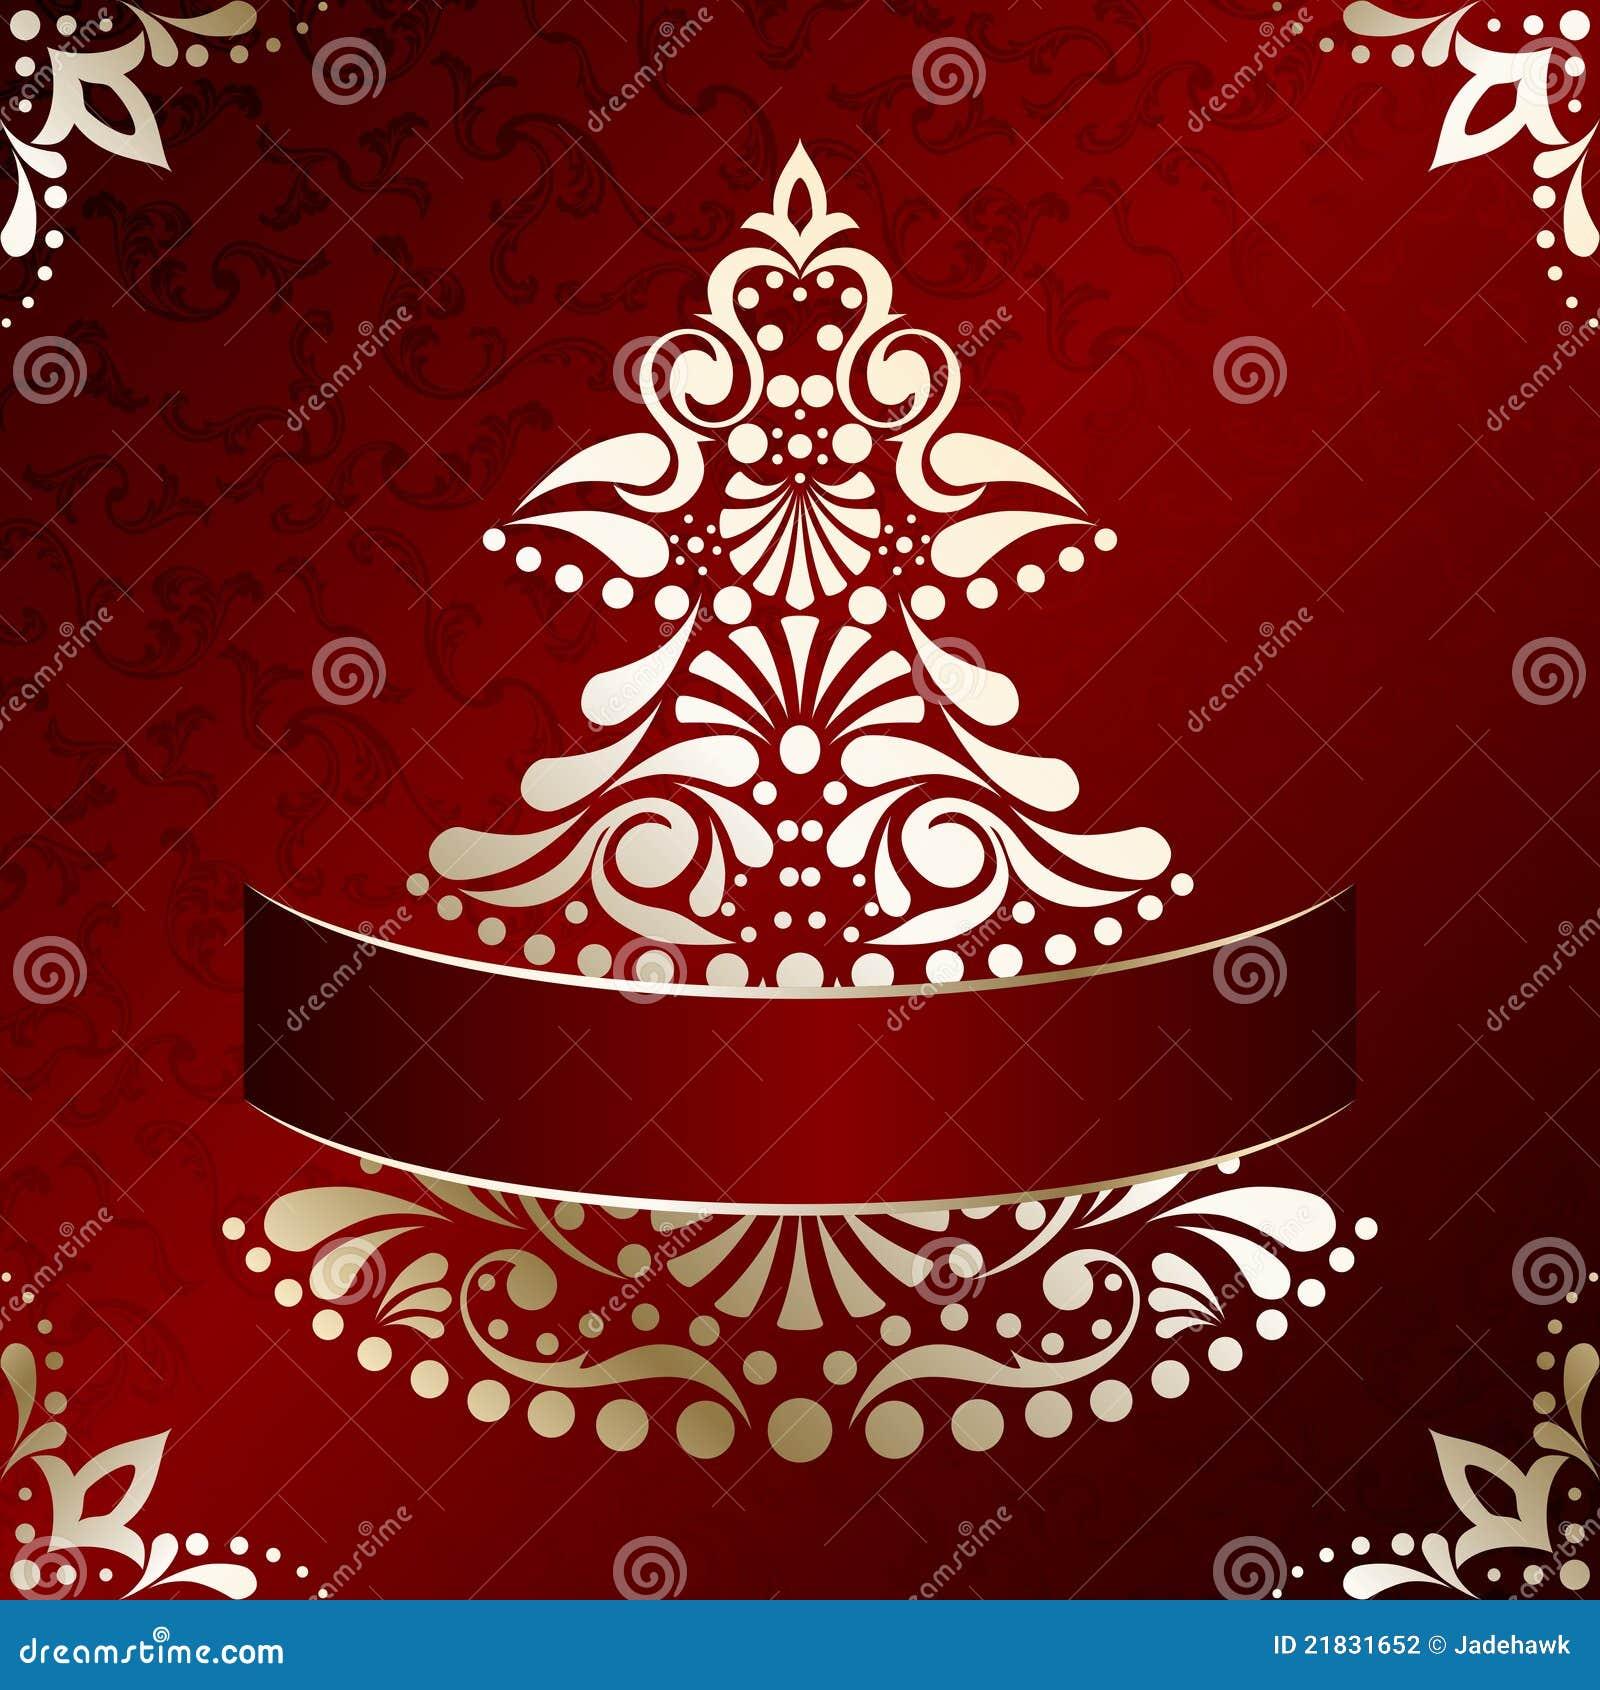 Tarjeta de navidad elegante con el rbol de navidad - Arboles de navidad elegantes ...